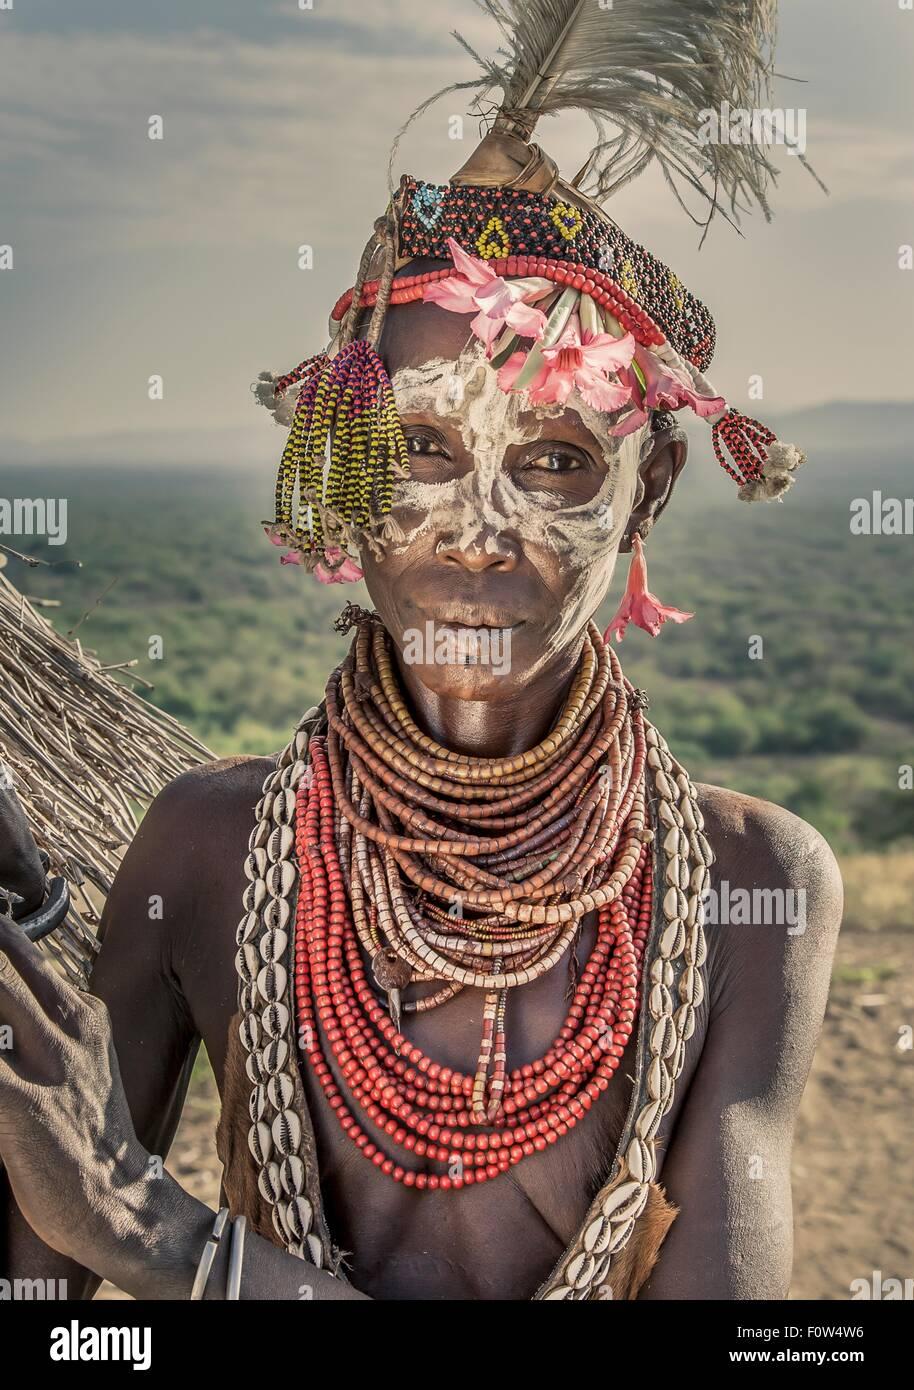 Ritratto di donna matura da Karo tribù indossando il costume tradizionale, Etiopia, Africa Immagini Stock